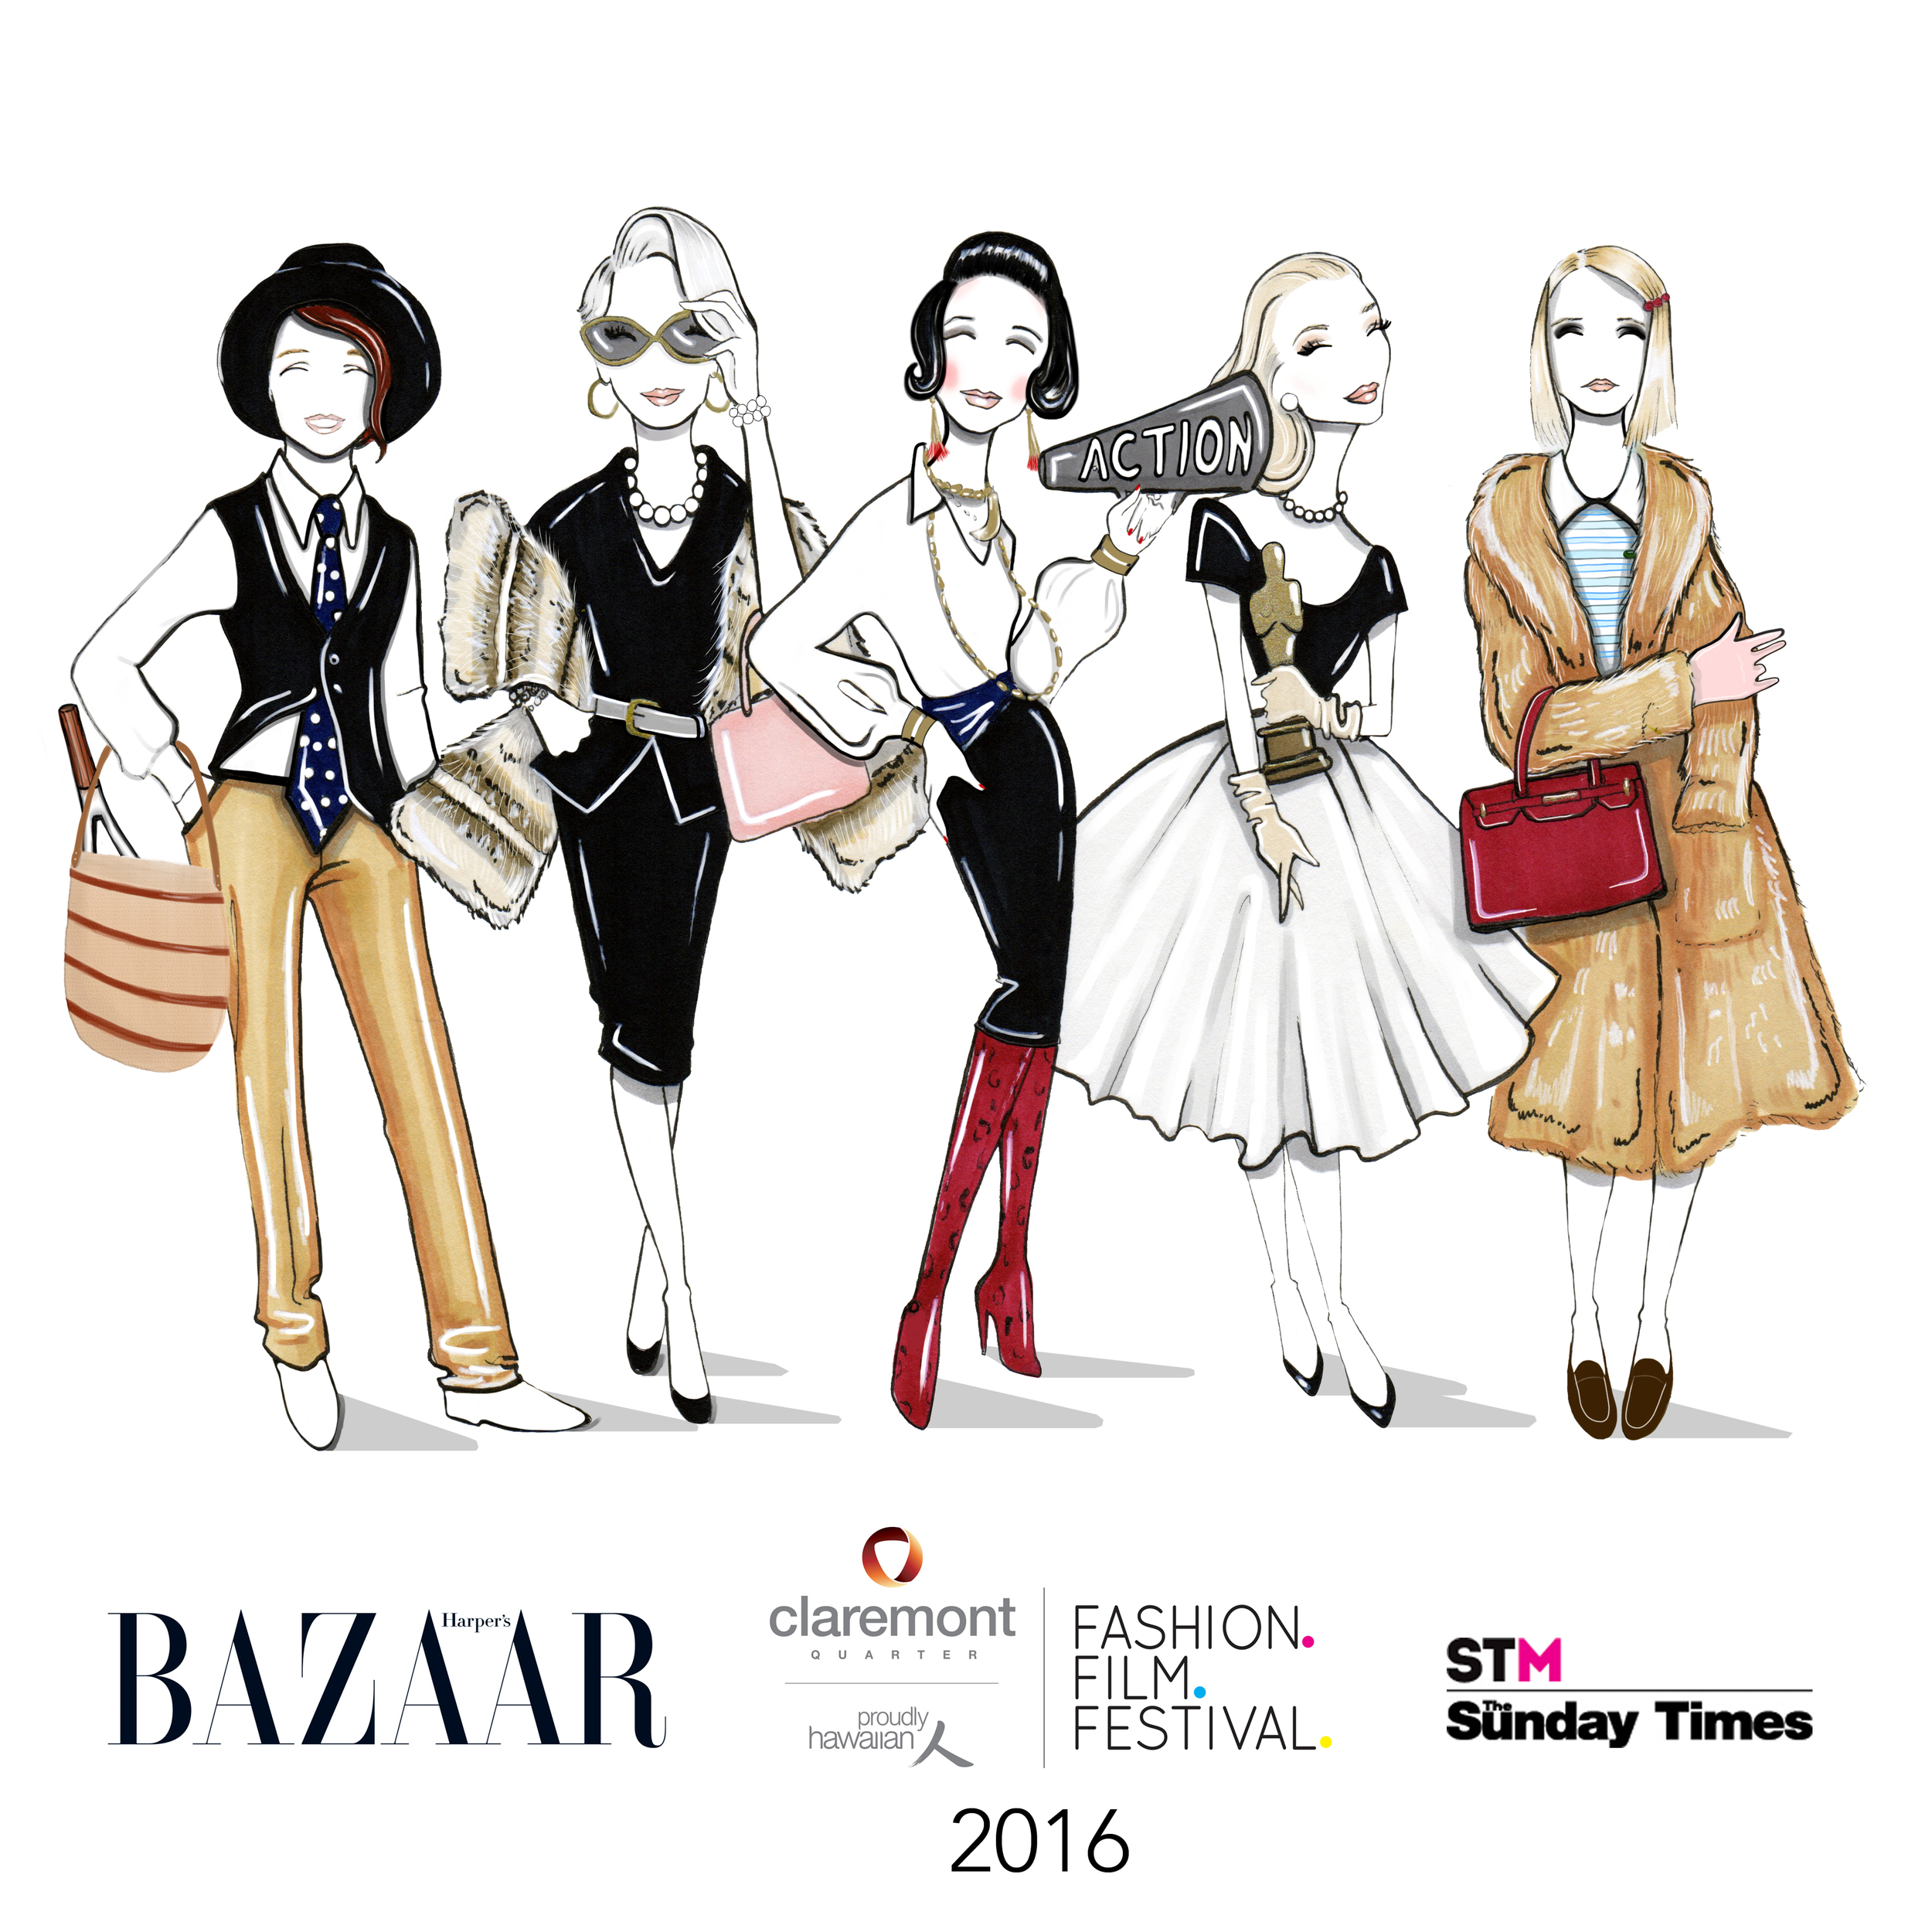 Fashion Film Festival